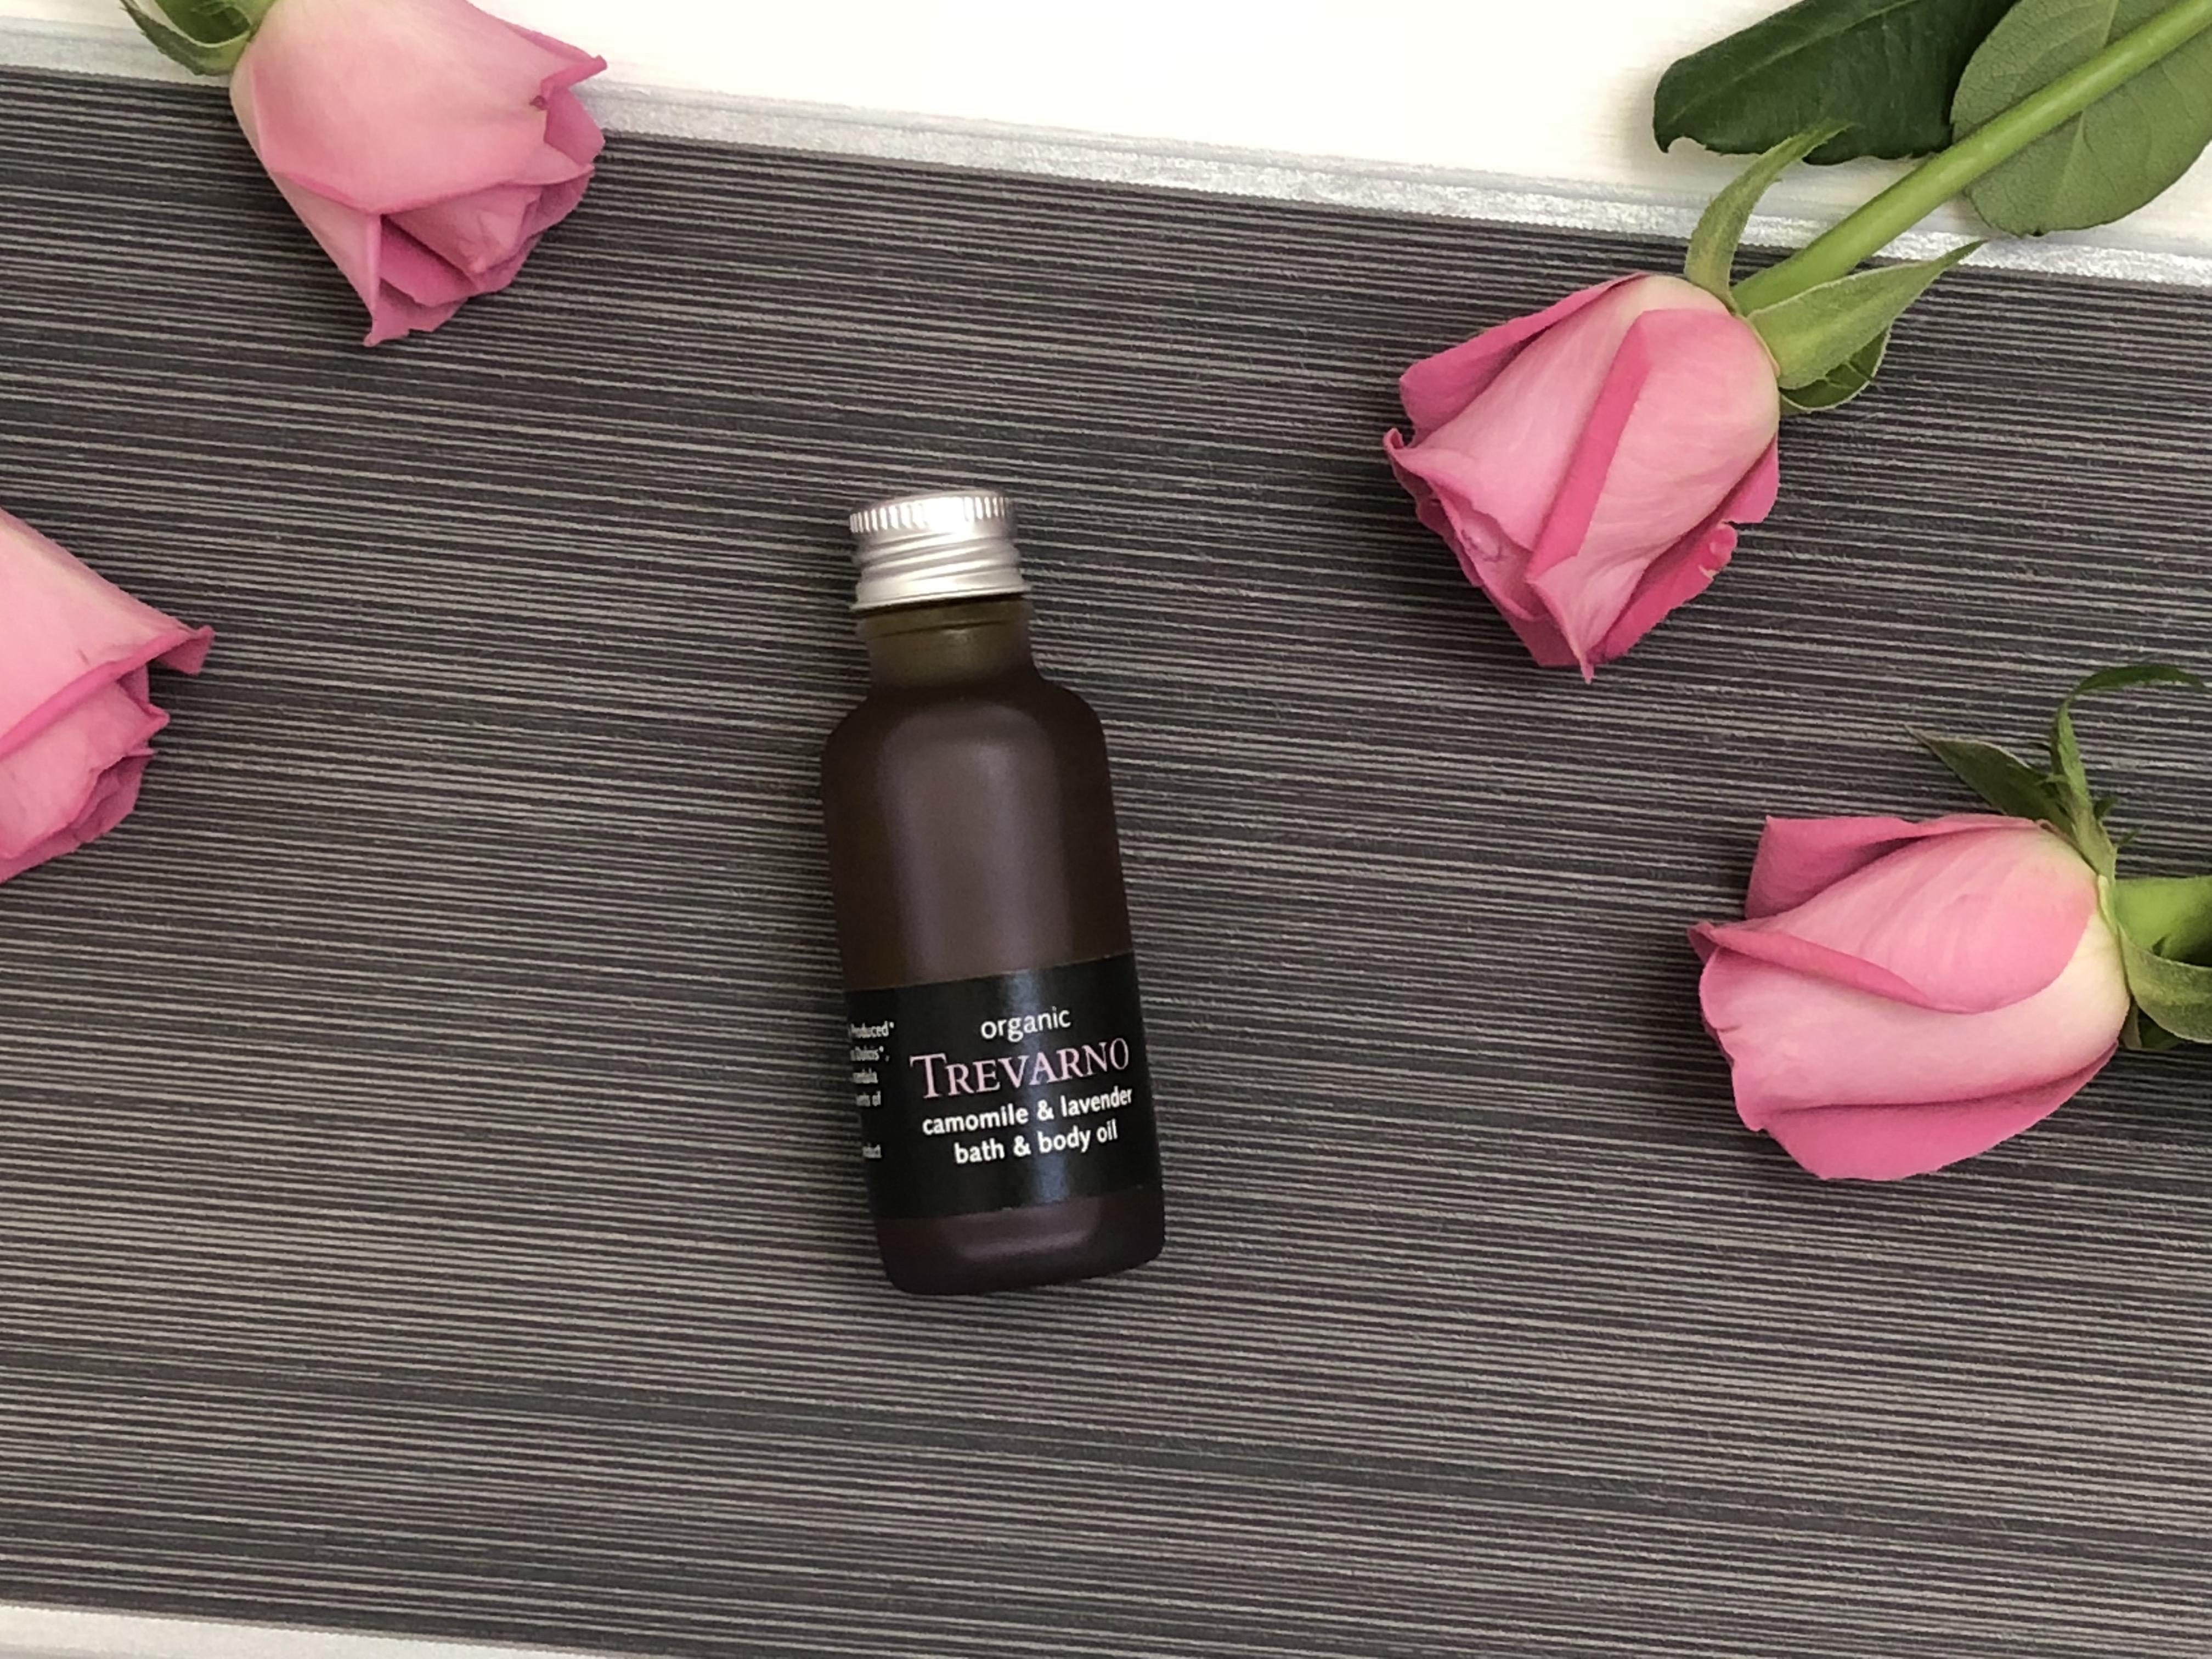 Trevarno Organic Camomile & Lavender Bath & Body oil